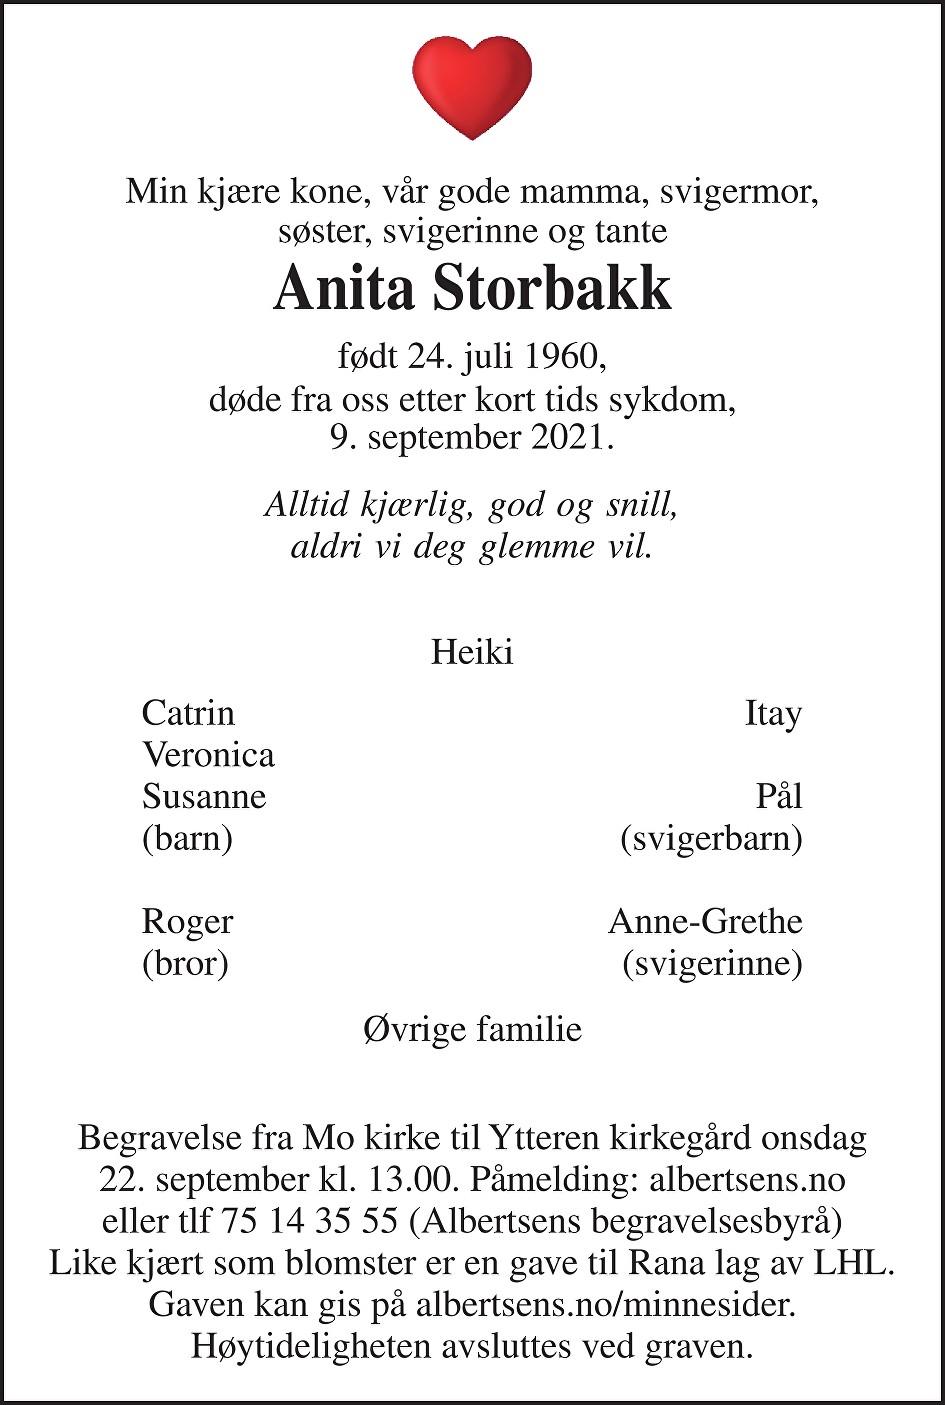 Anita Storbakk Dødsannonse